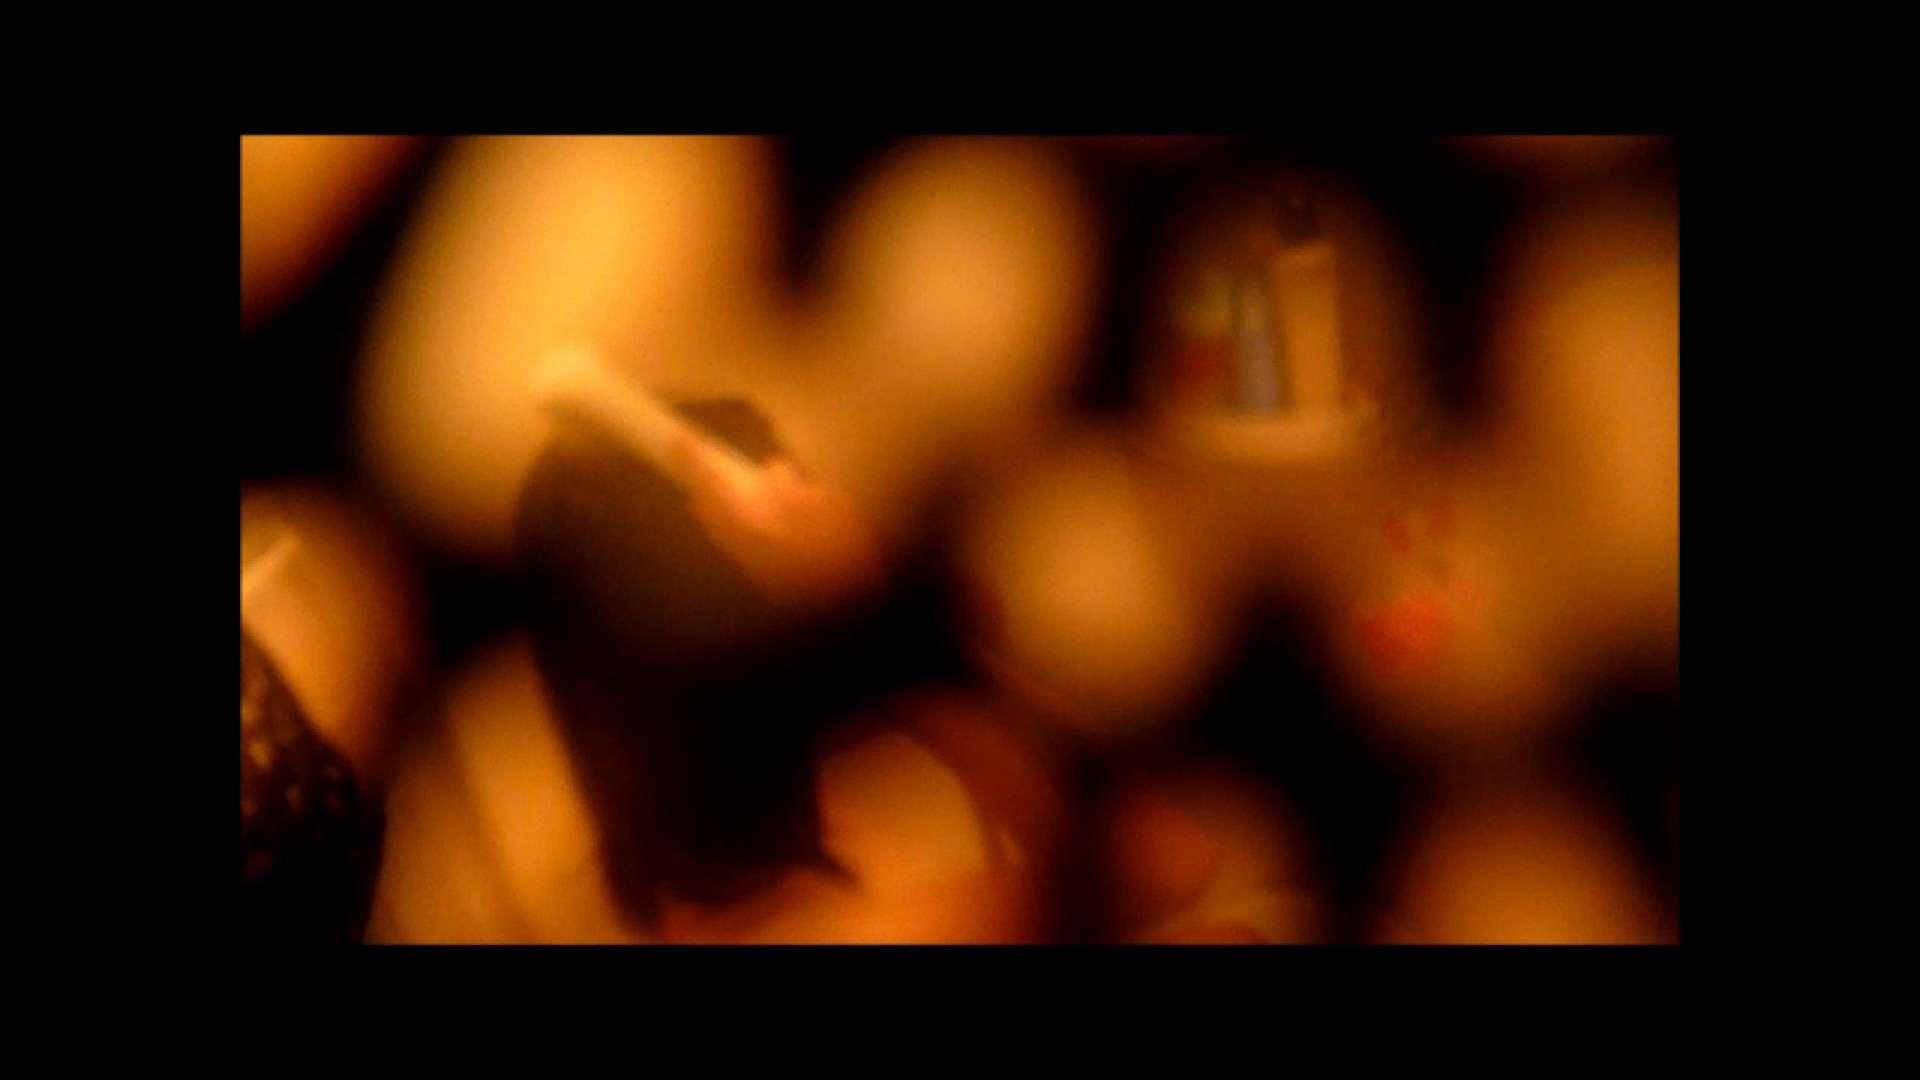 【02】ベランダに侵入して張り込みを始めて・・・やっと結果が出ました。 現役ギャル セックス無修正動画無料 79pic 62